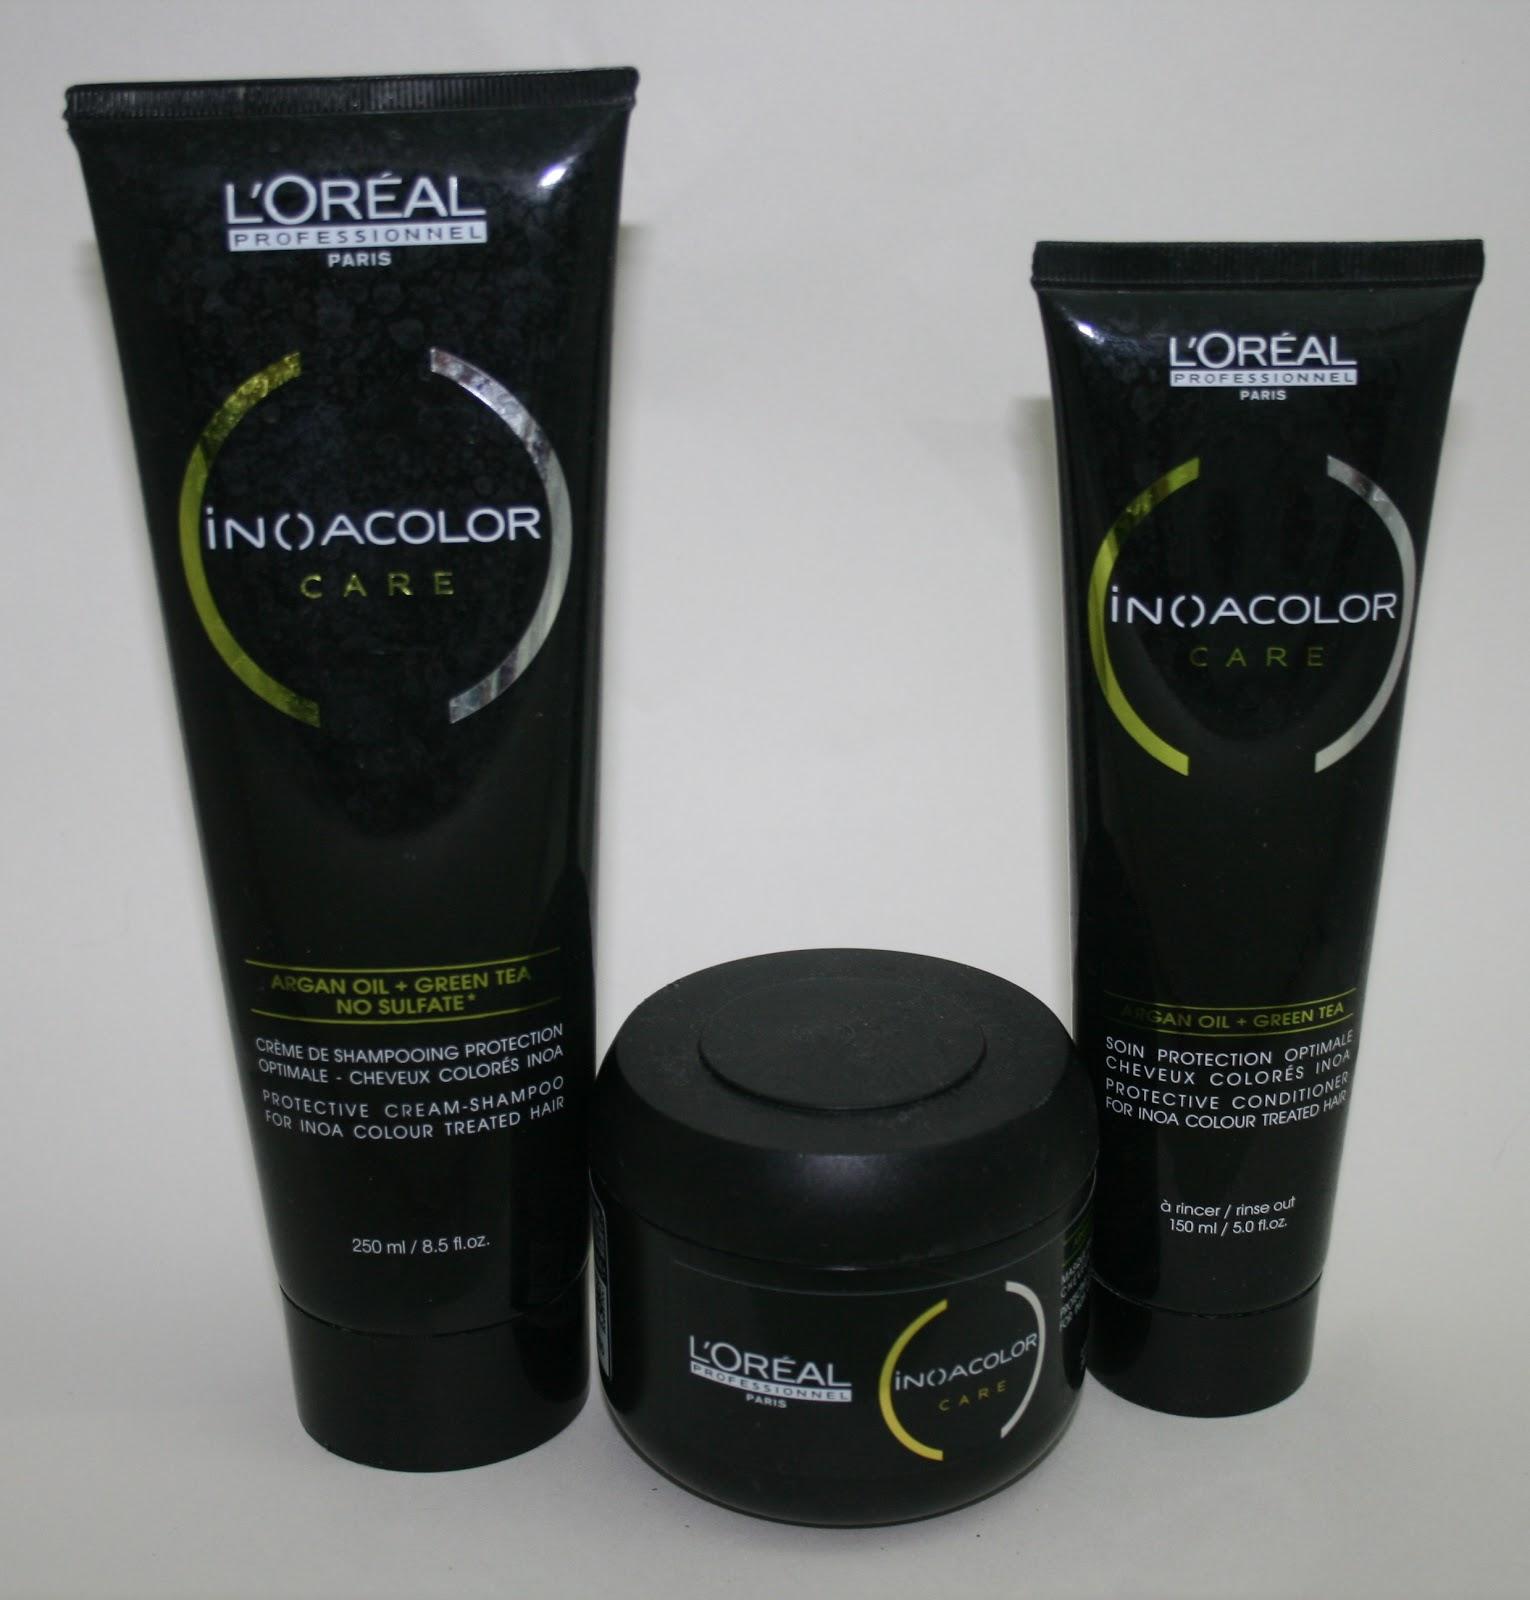 L Oreal Inoa Colour Care Shampoo Conditioner And Masque